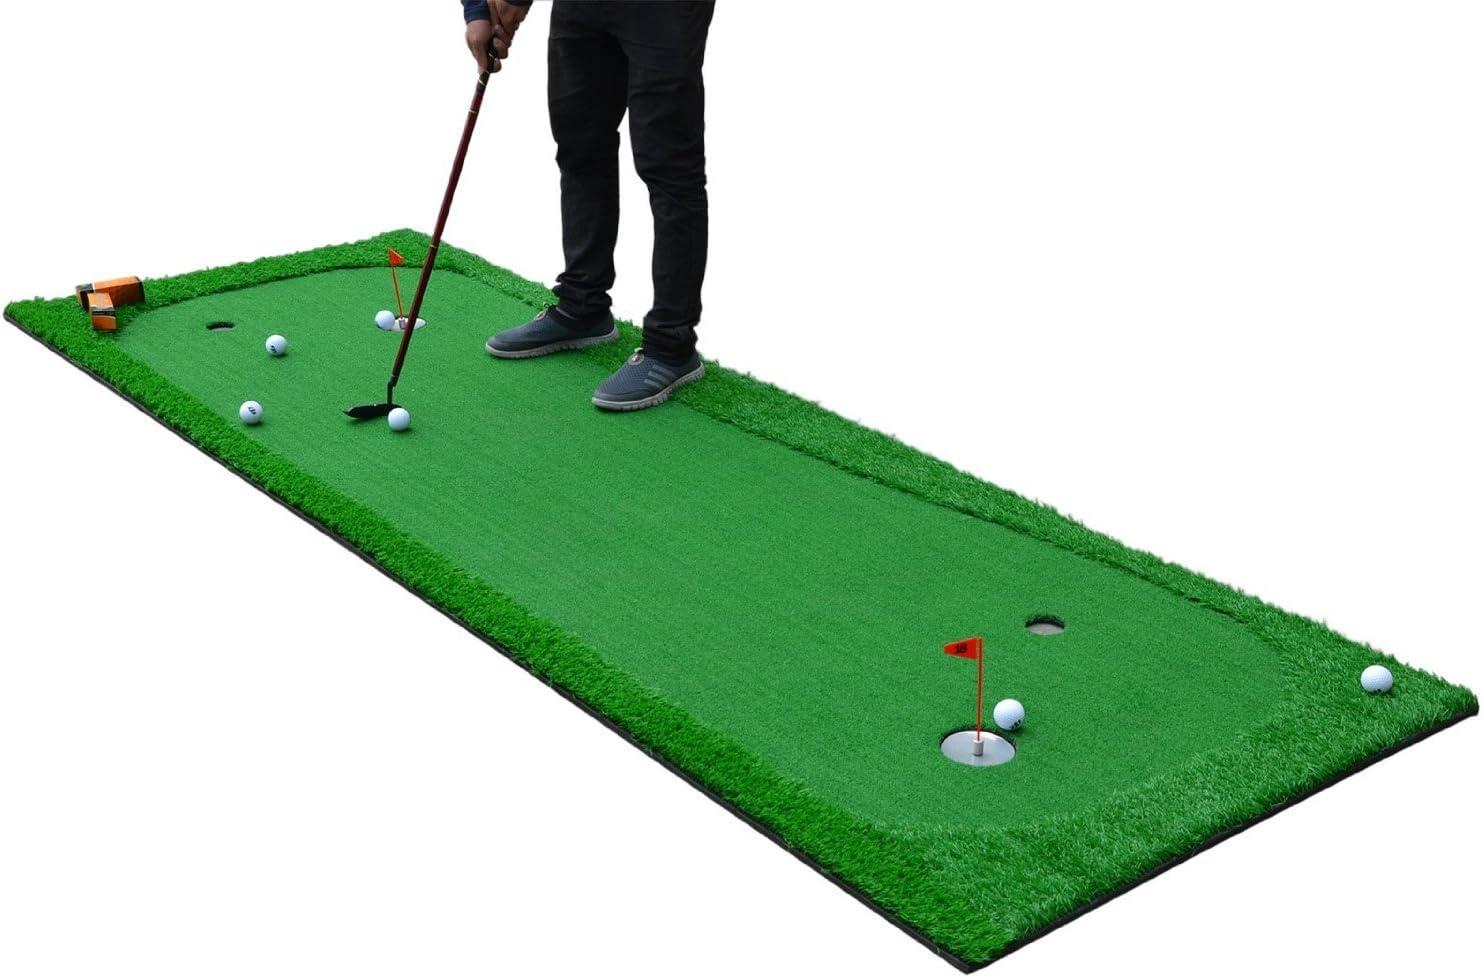 77tech Golf Putting Green Système Professionnel Practise Vert Long Difficiles Intérieur/extérieur de Putter de Golf d'entraînement Tapis Aide à l'équipement